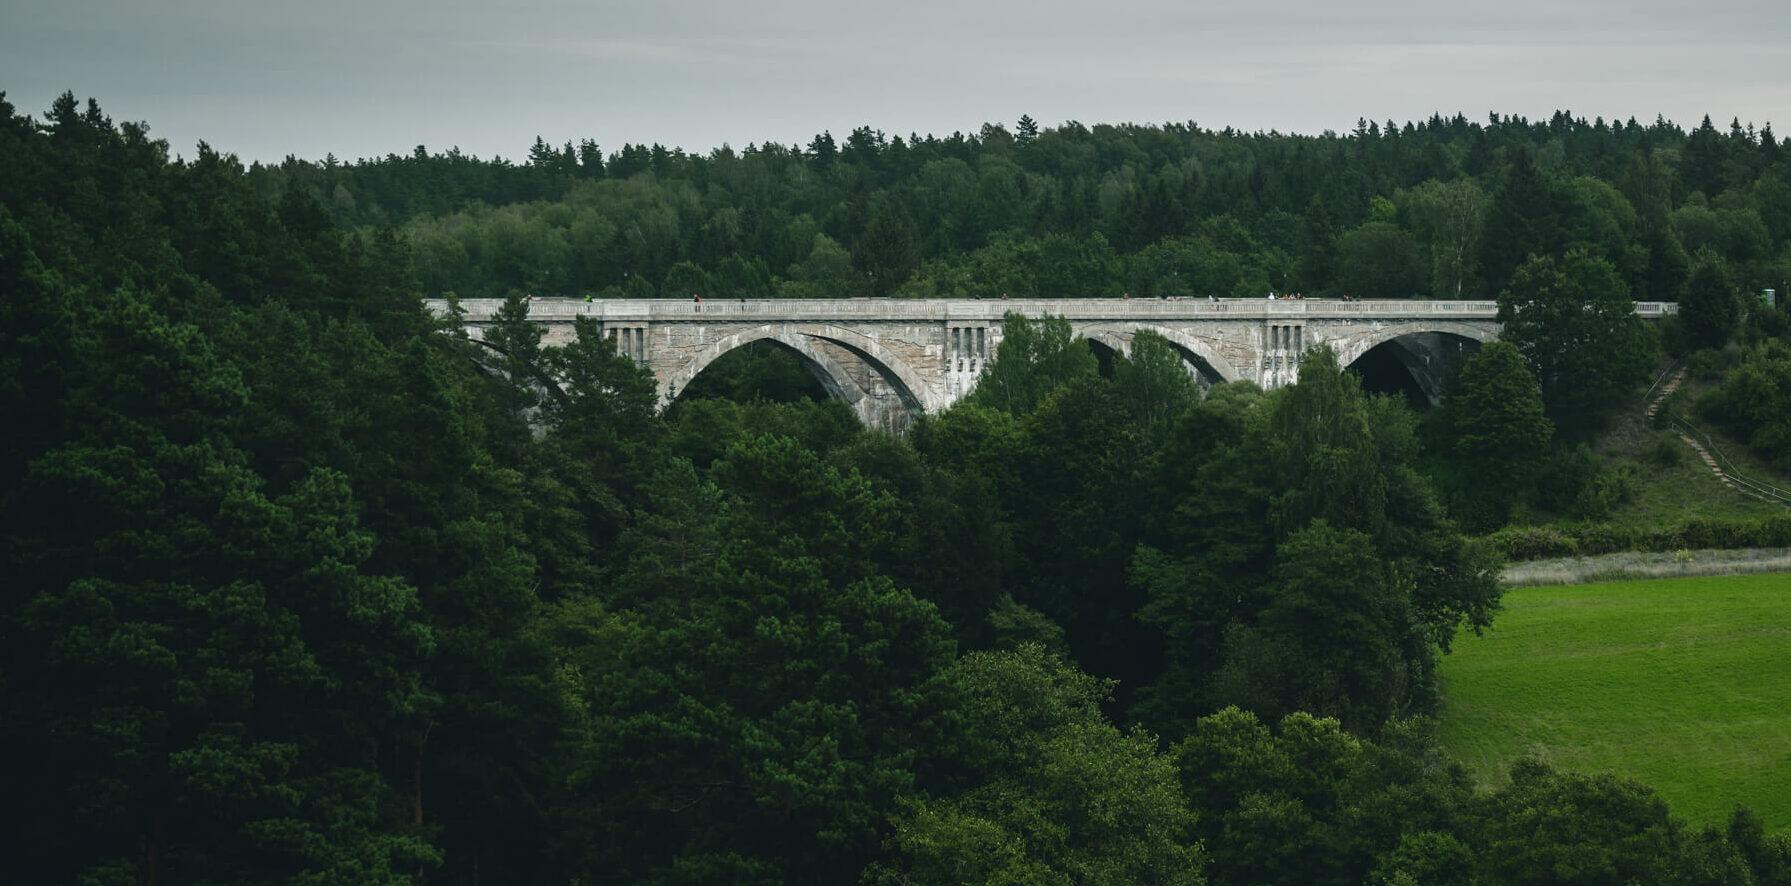 Mosty w Stańczykach - cennik, dojazd, mapa